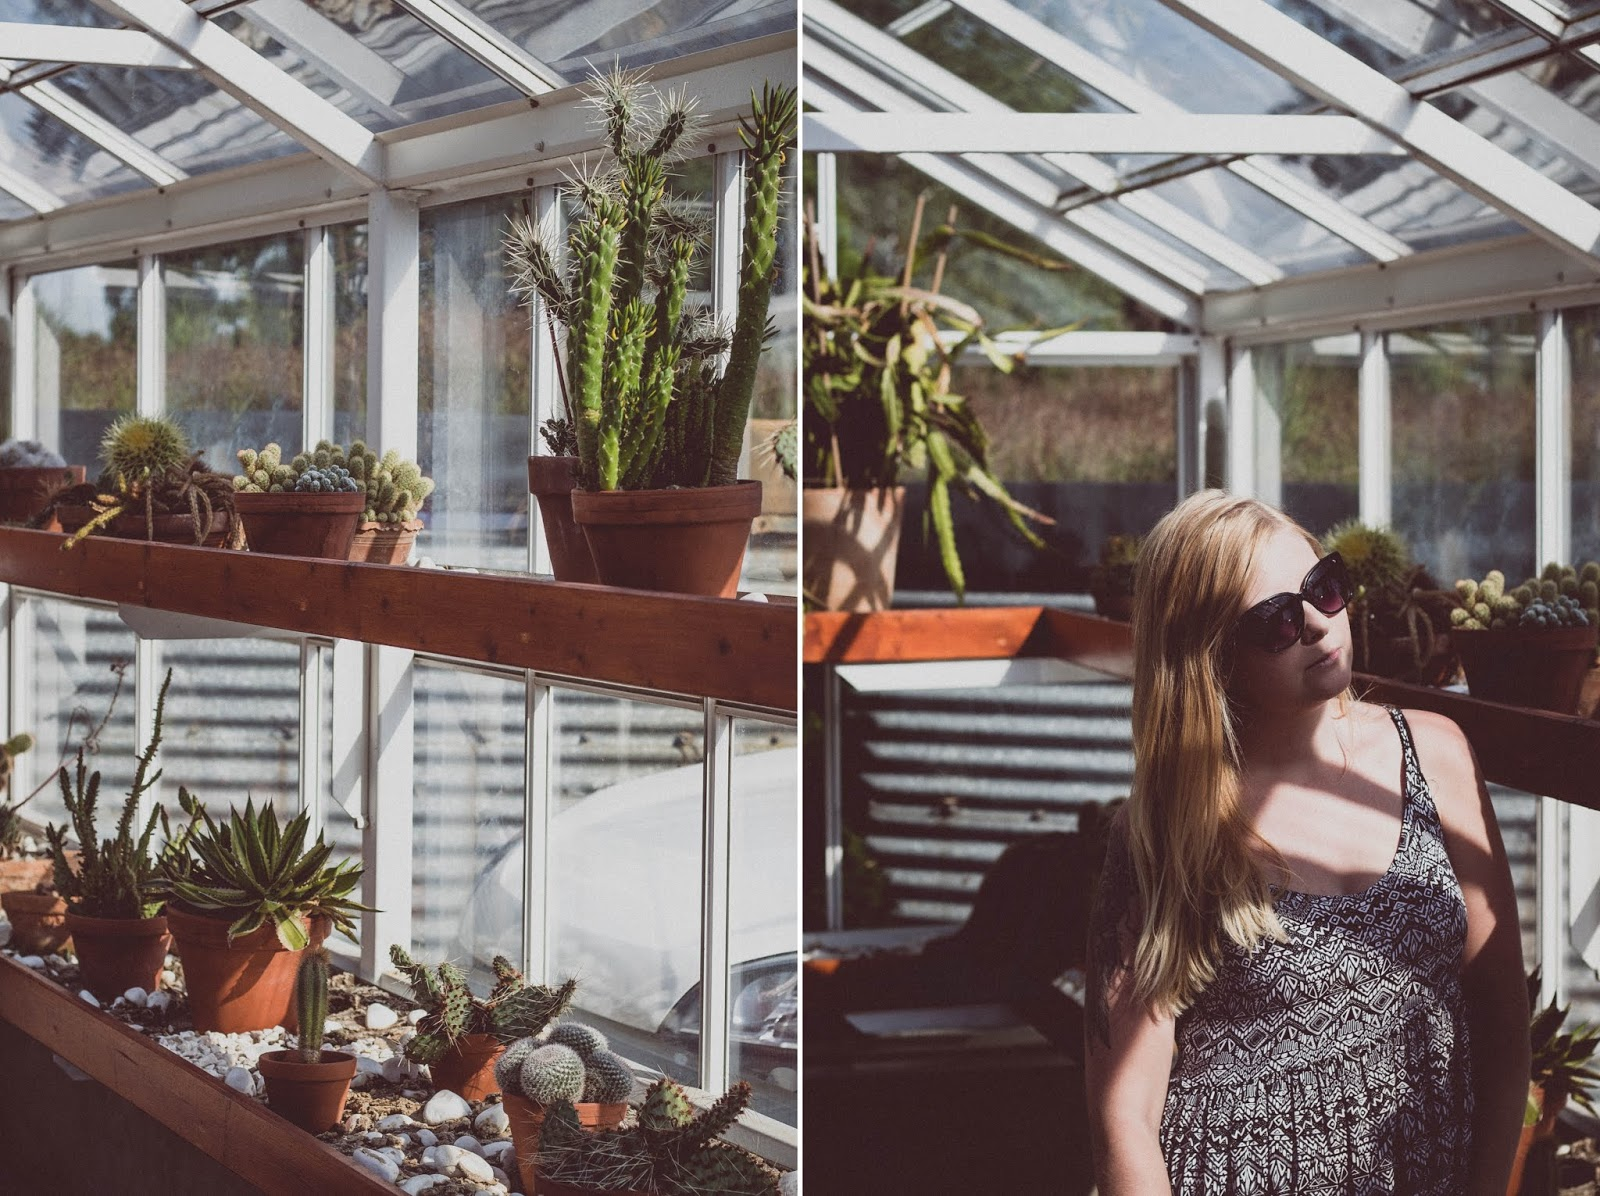 Ogrody Kapias - Goczałkowice Zdrój